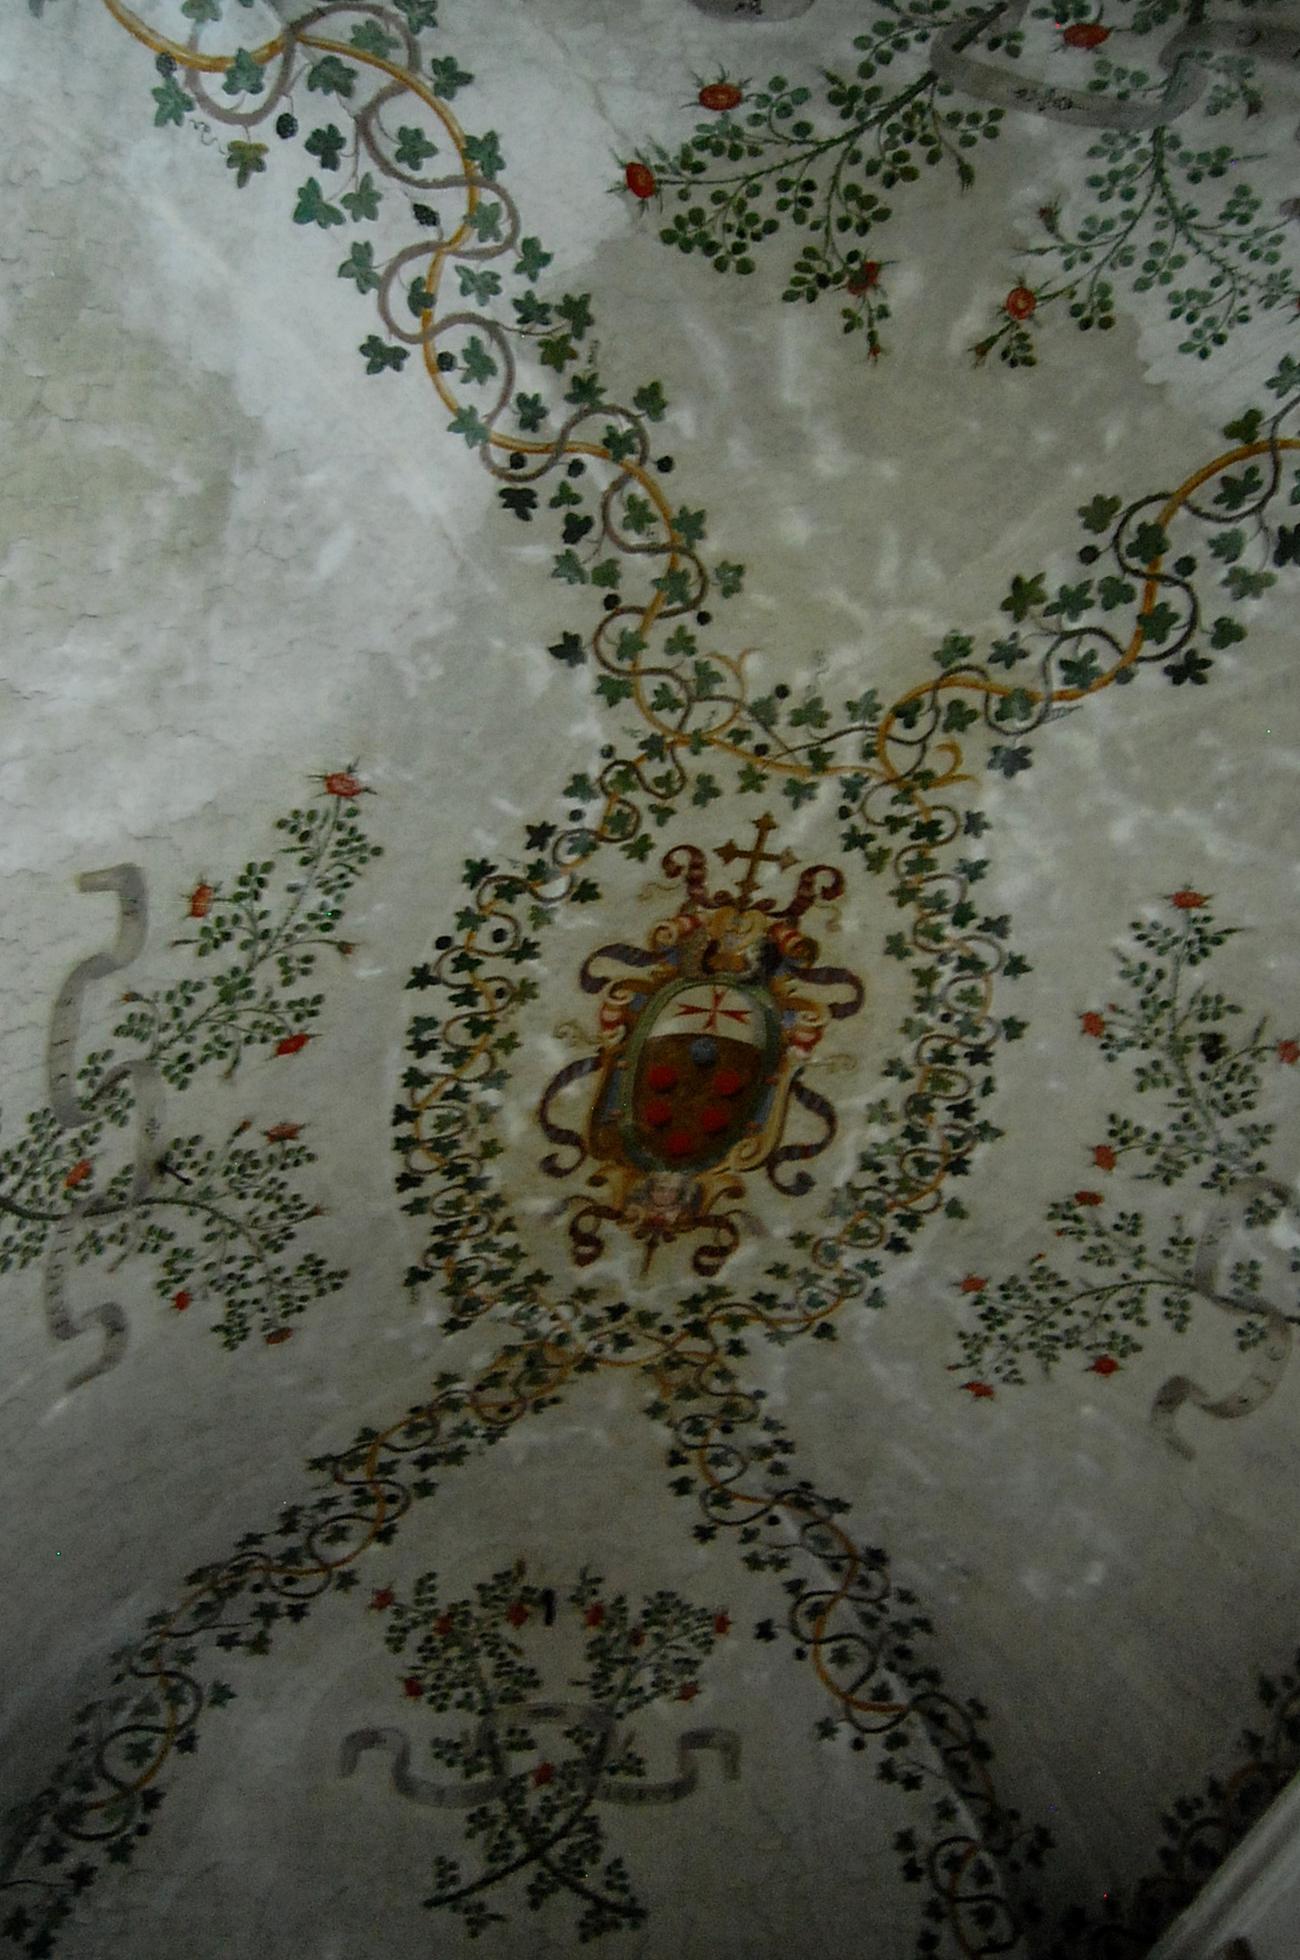 rocaille-blog-palazzo-silvestri-rivaldi-roma-sconosciuta (6)